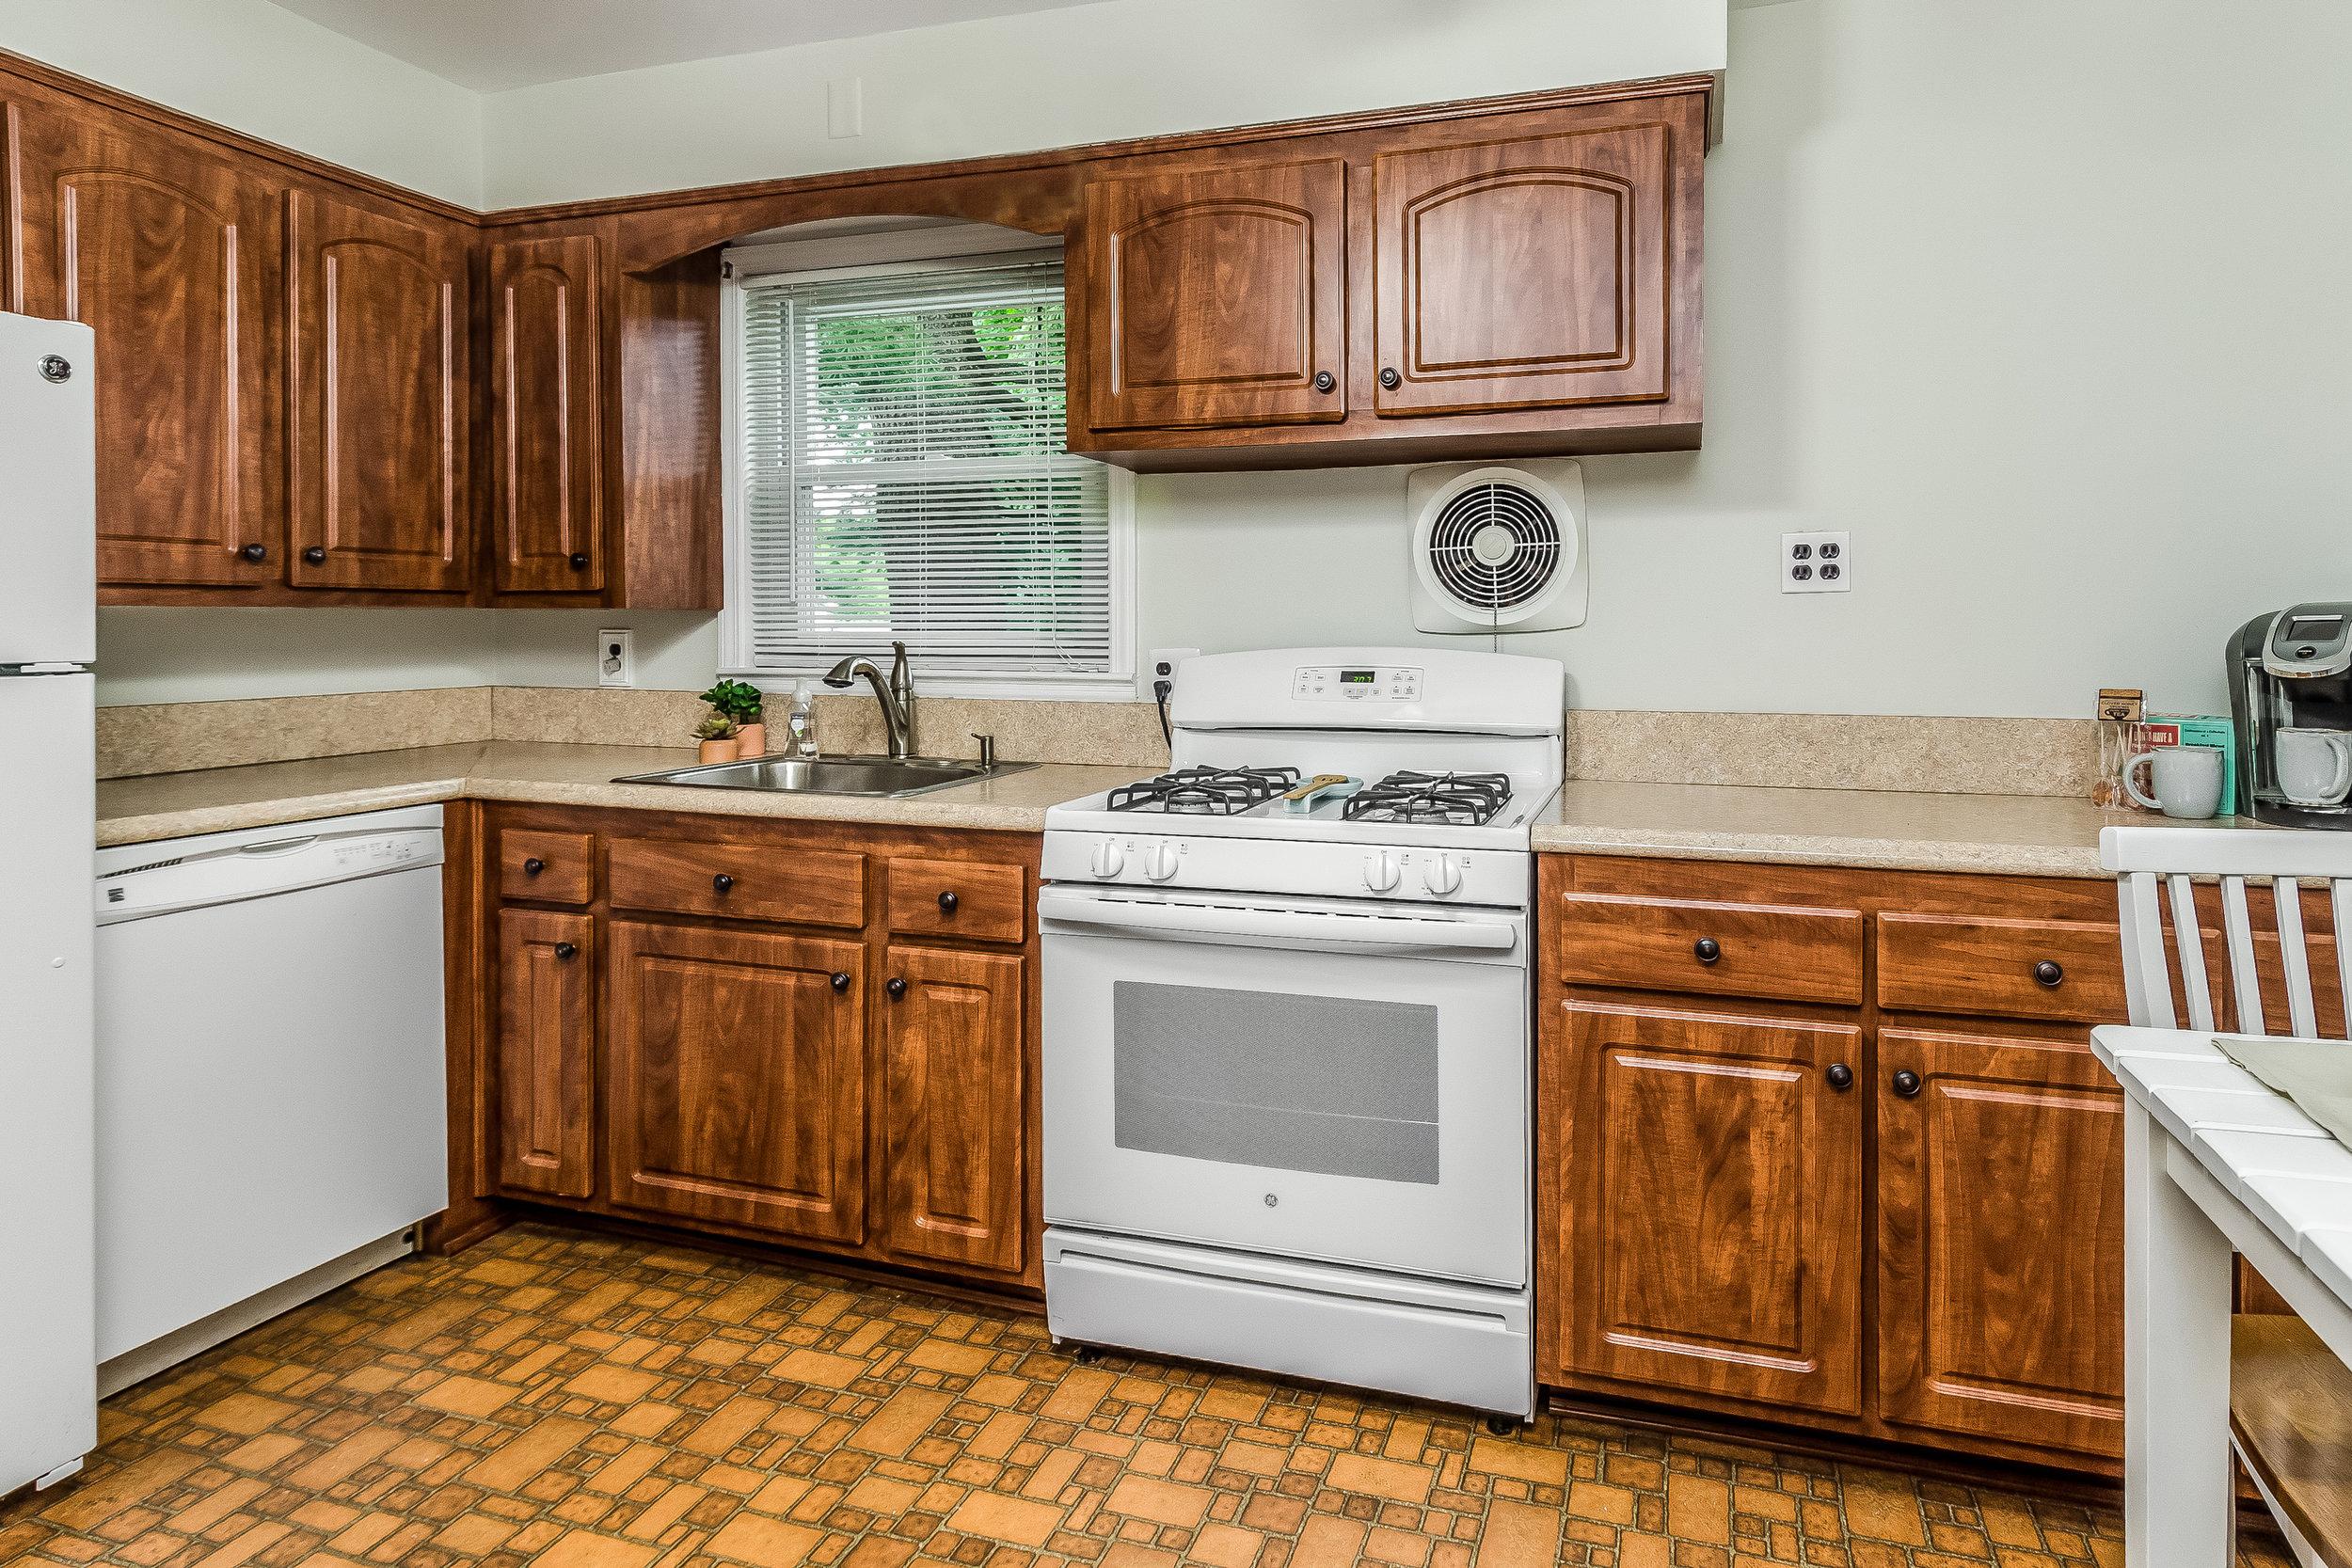 014-photo-kitchendining-room-5786534.jpg